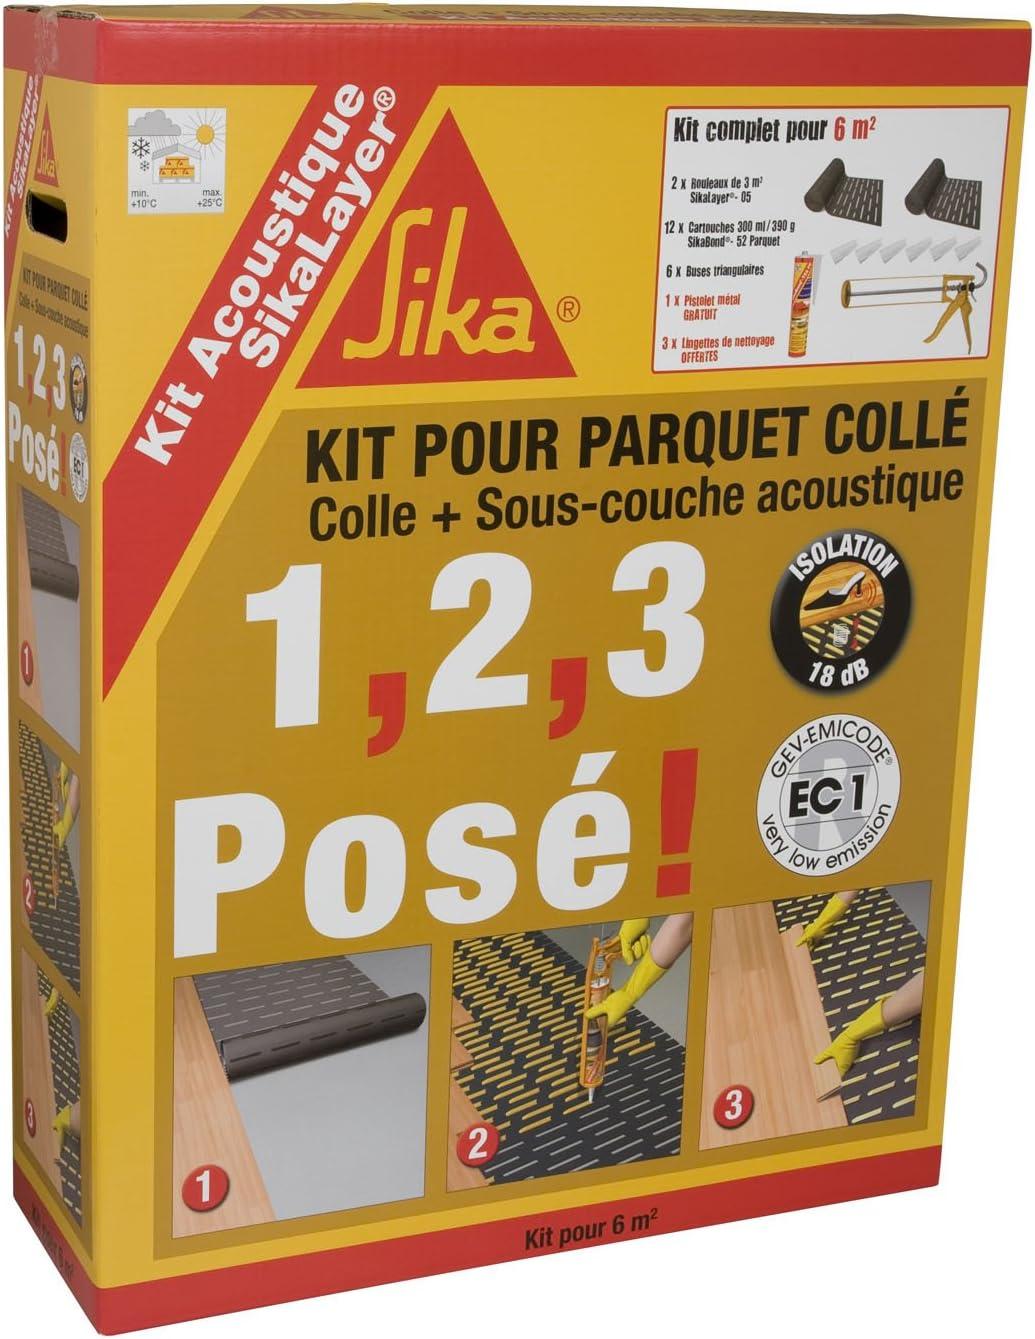 Sous-couche acoustique pour parquet sp/écial sols chauffants Marron 12m/² SikaLayer PC3